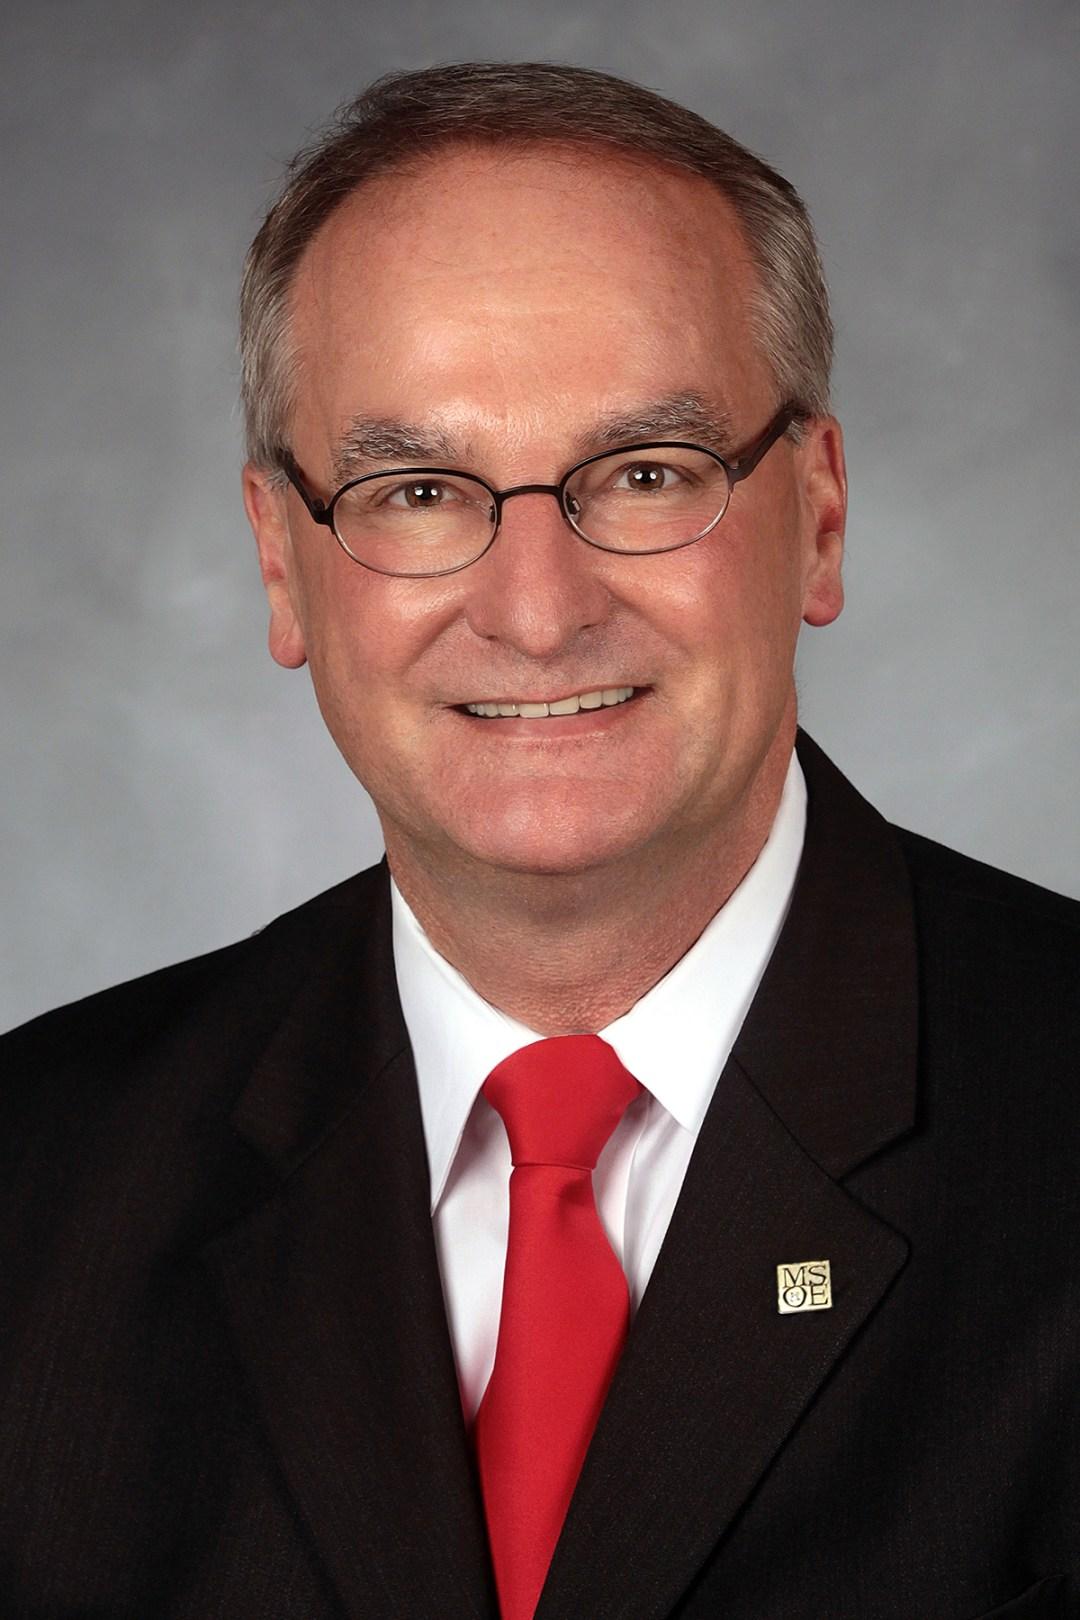 Dr. John Walz